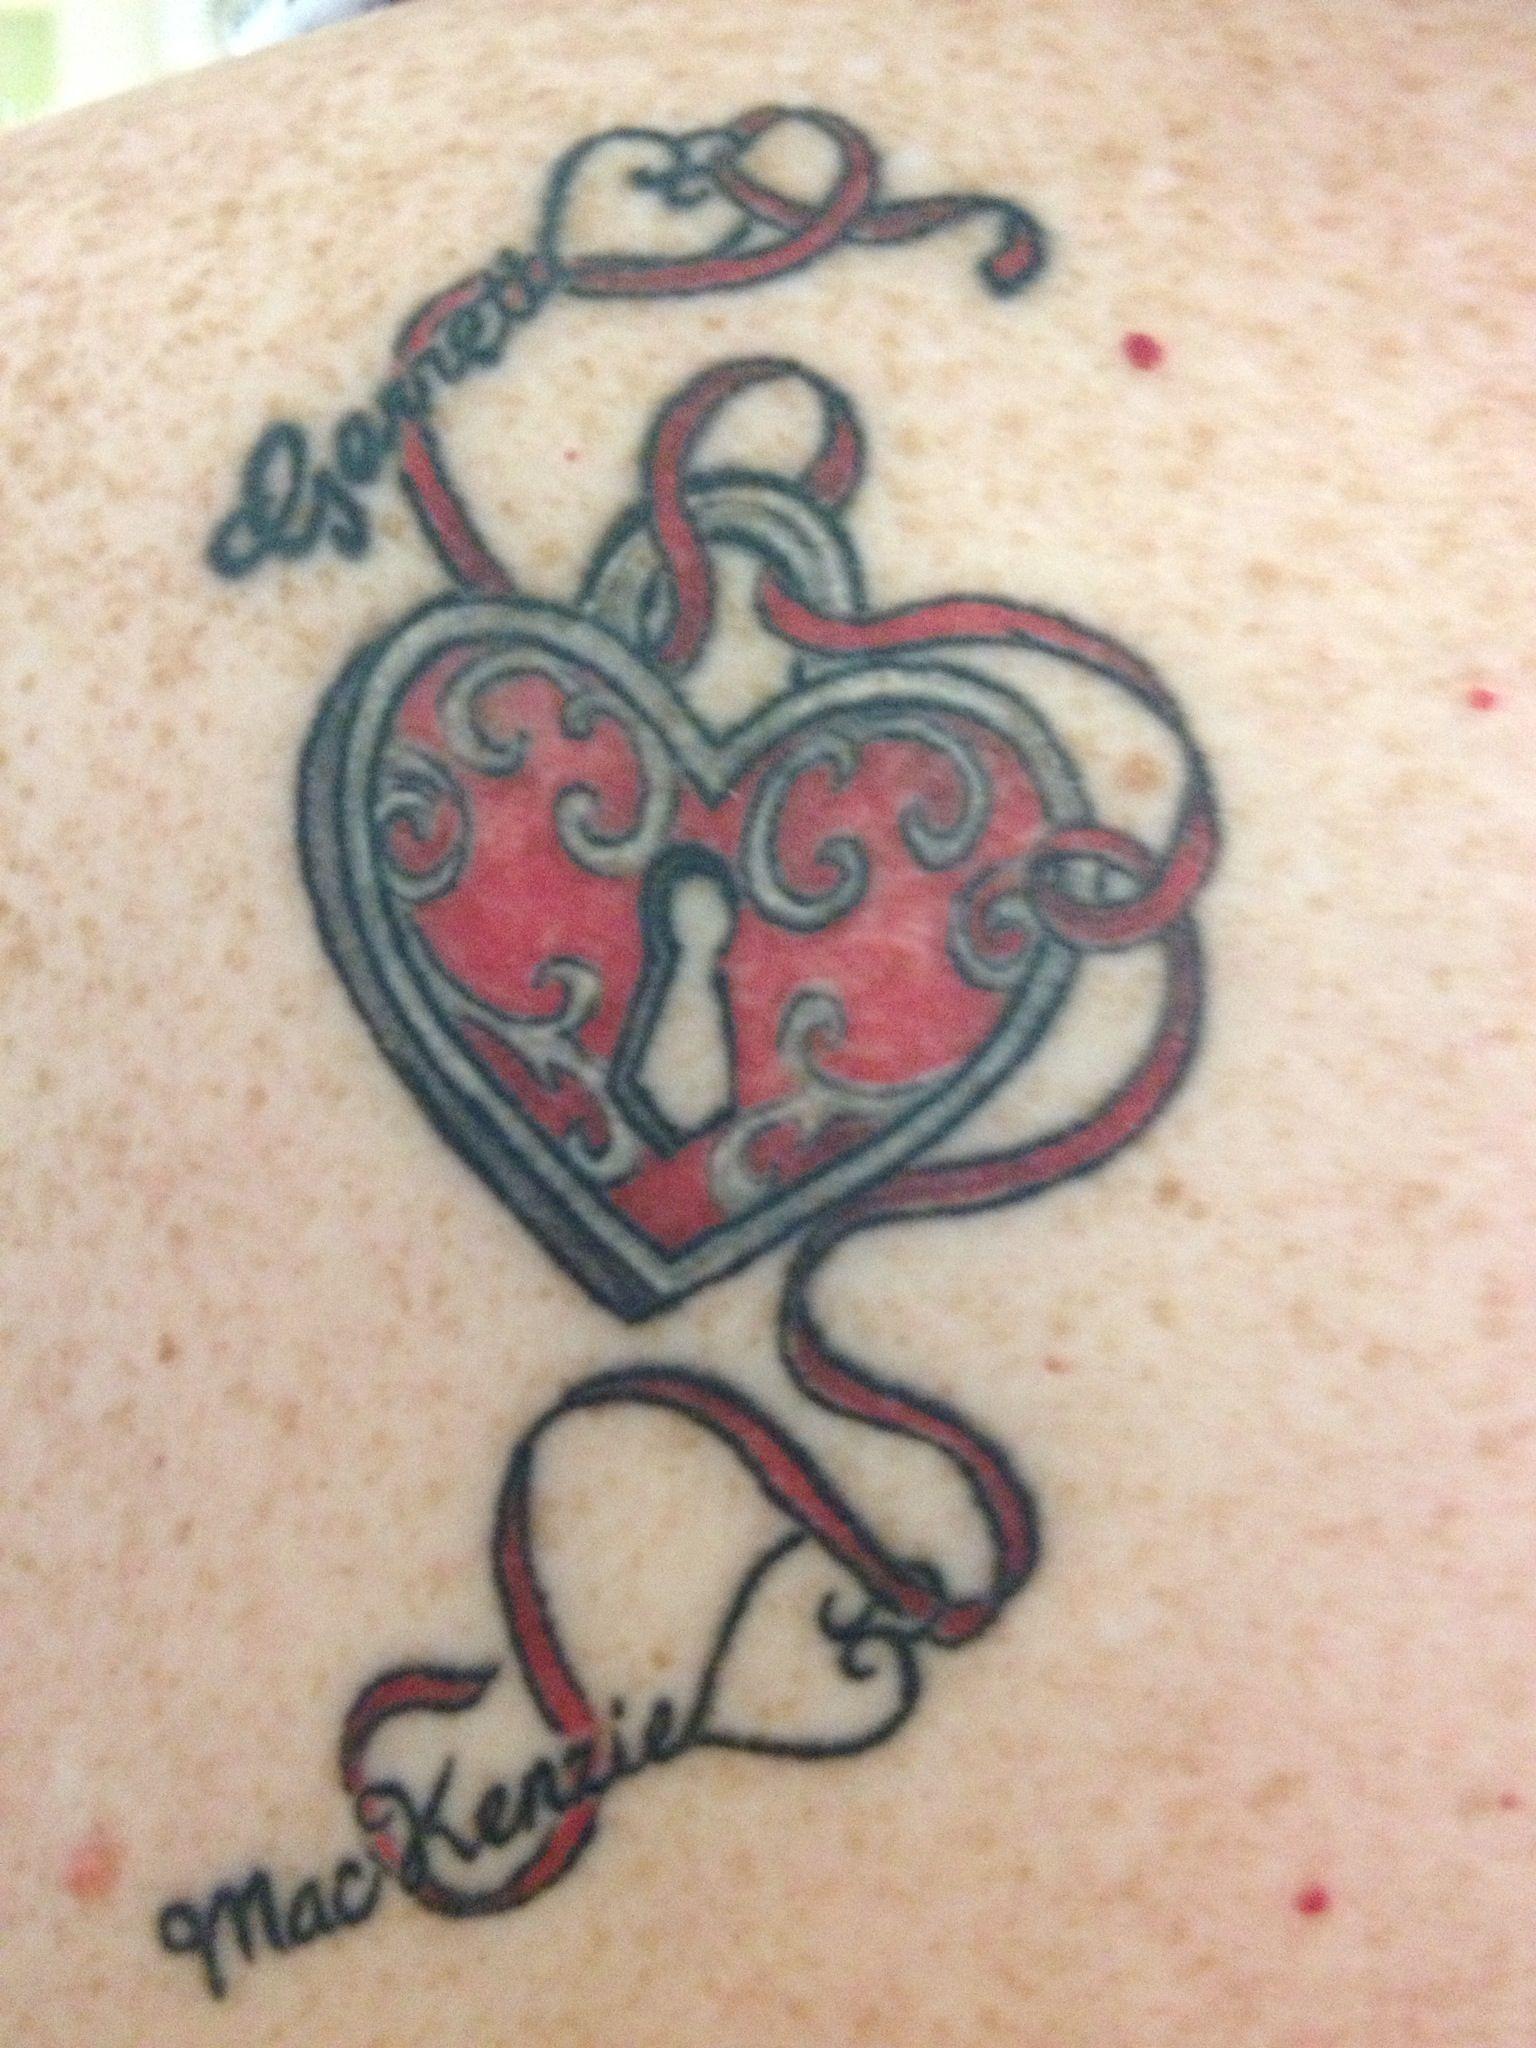 Pin By Trisha Bell On Tatoo S I Like Heart Lock Tattoo Tattoos For Women Heart Tattoo Designs